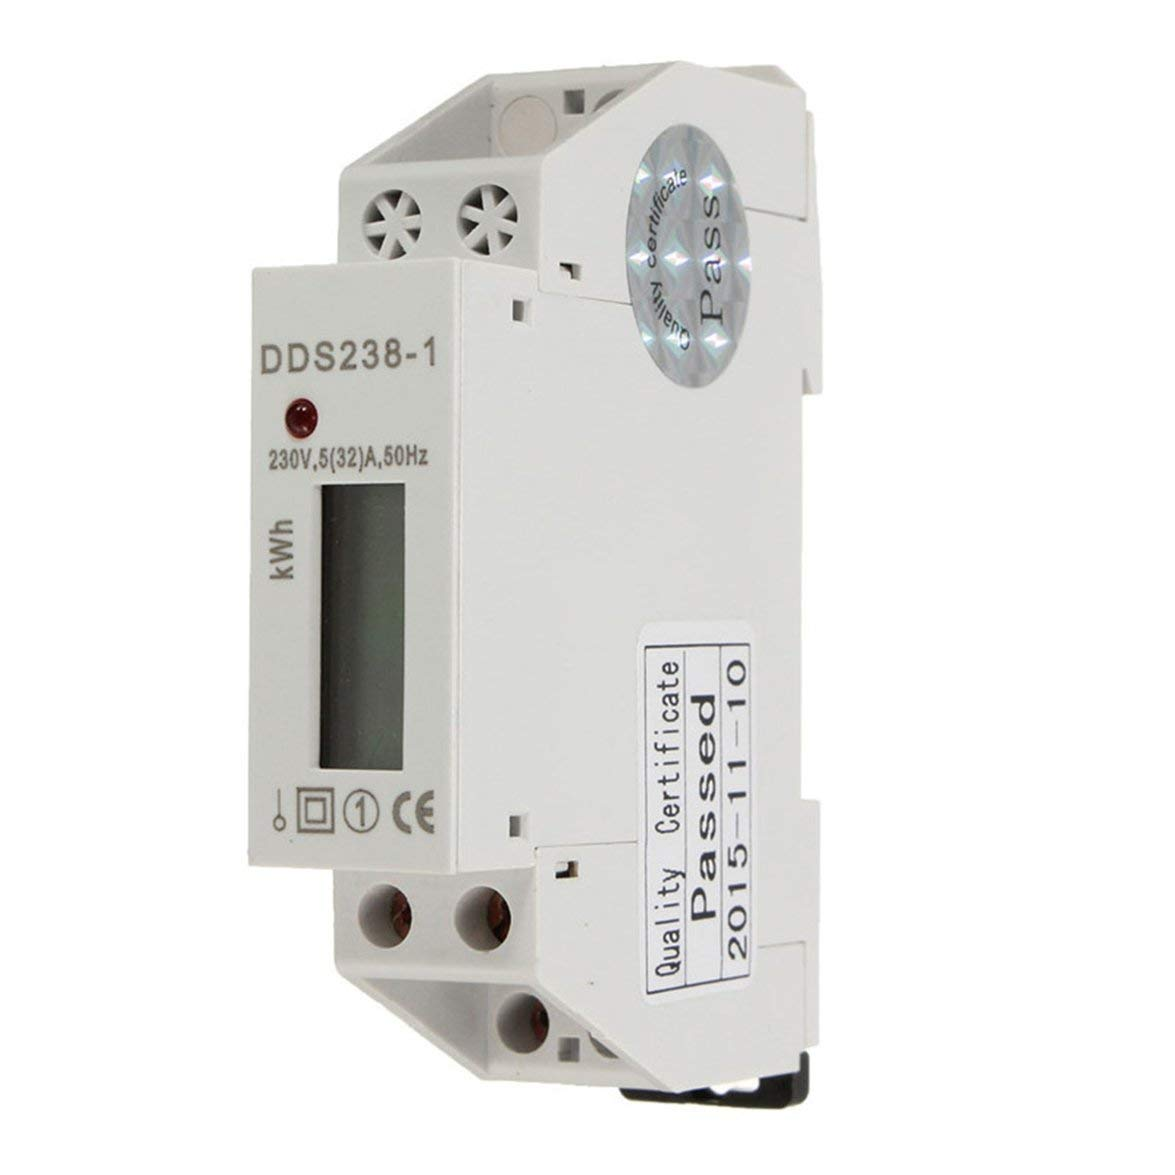 Kongqiabona DDS238-1 5 elektronischer Typ Mini-Elektroenergiez/ähler Einphasig-Schienen-Typ mit 230 V 32 50 Hz // 60 Hz LCD-Anzeige